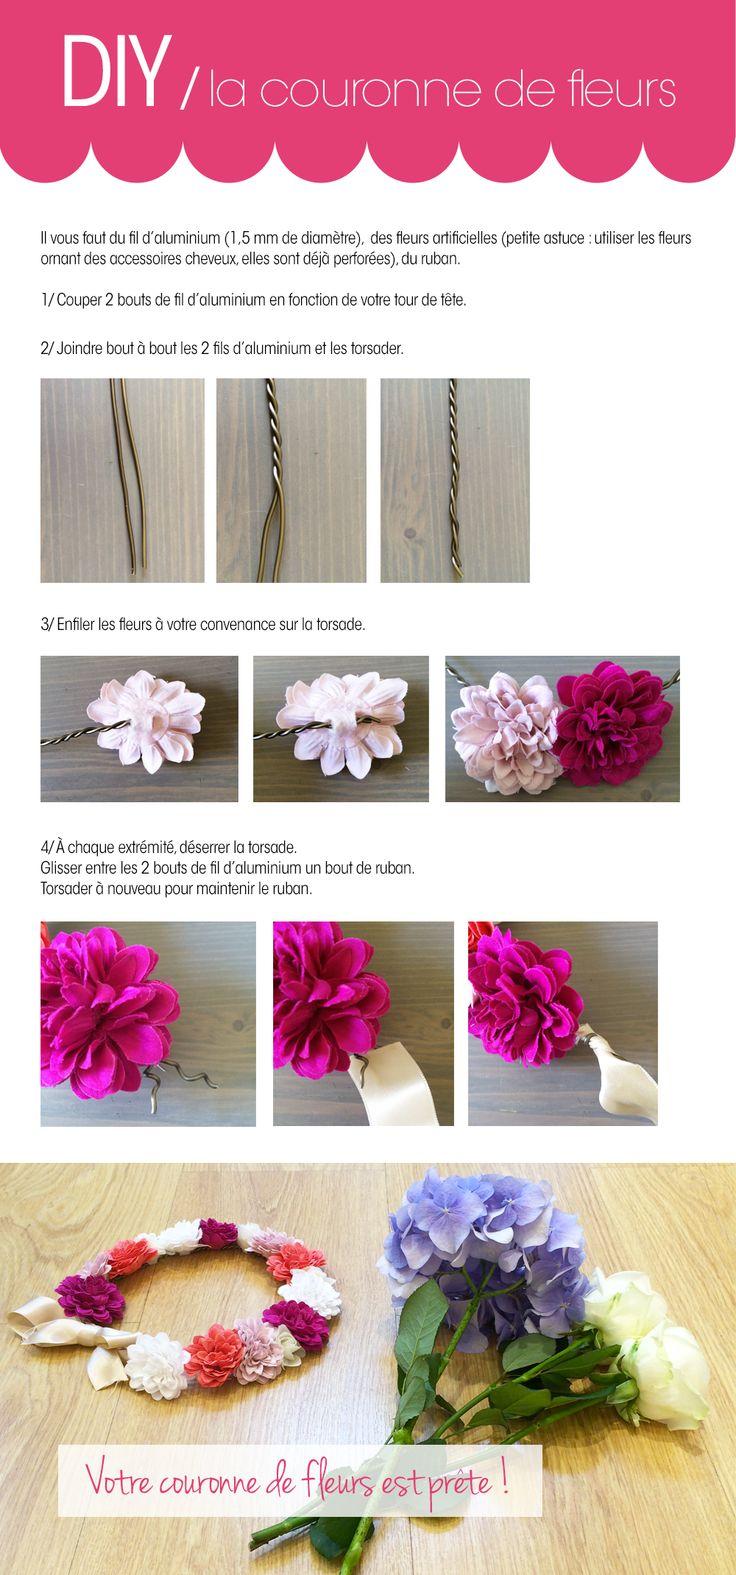 DIY / la couronne de fleurs